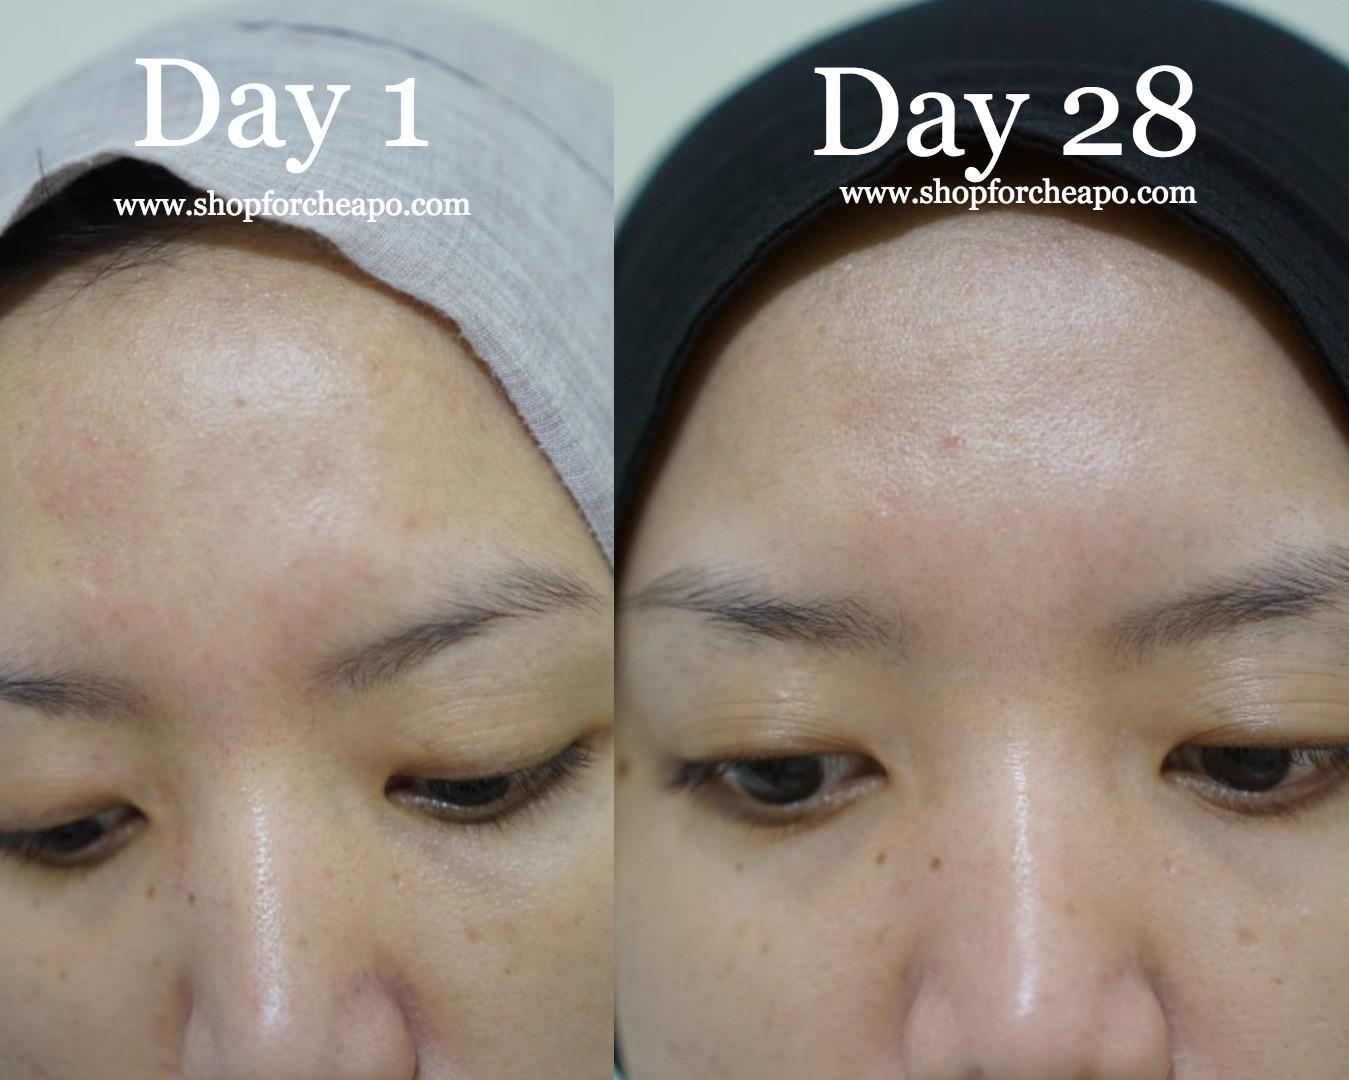 close up bagian kening hari ke 1 dan hari ke 28